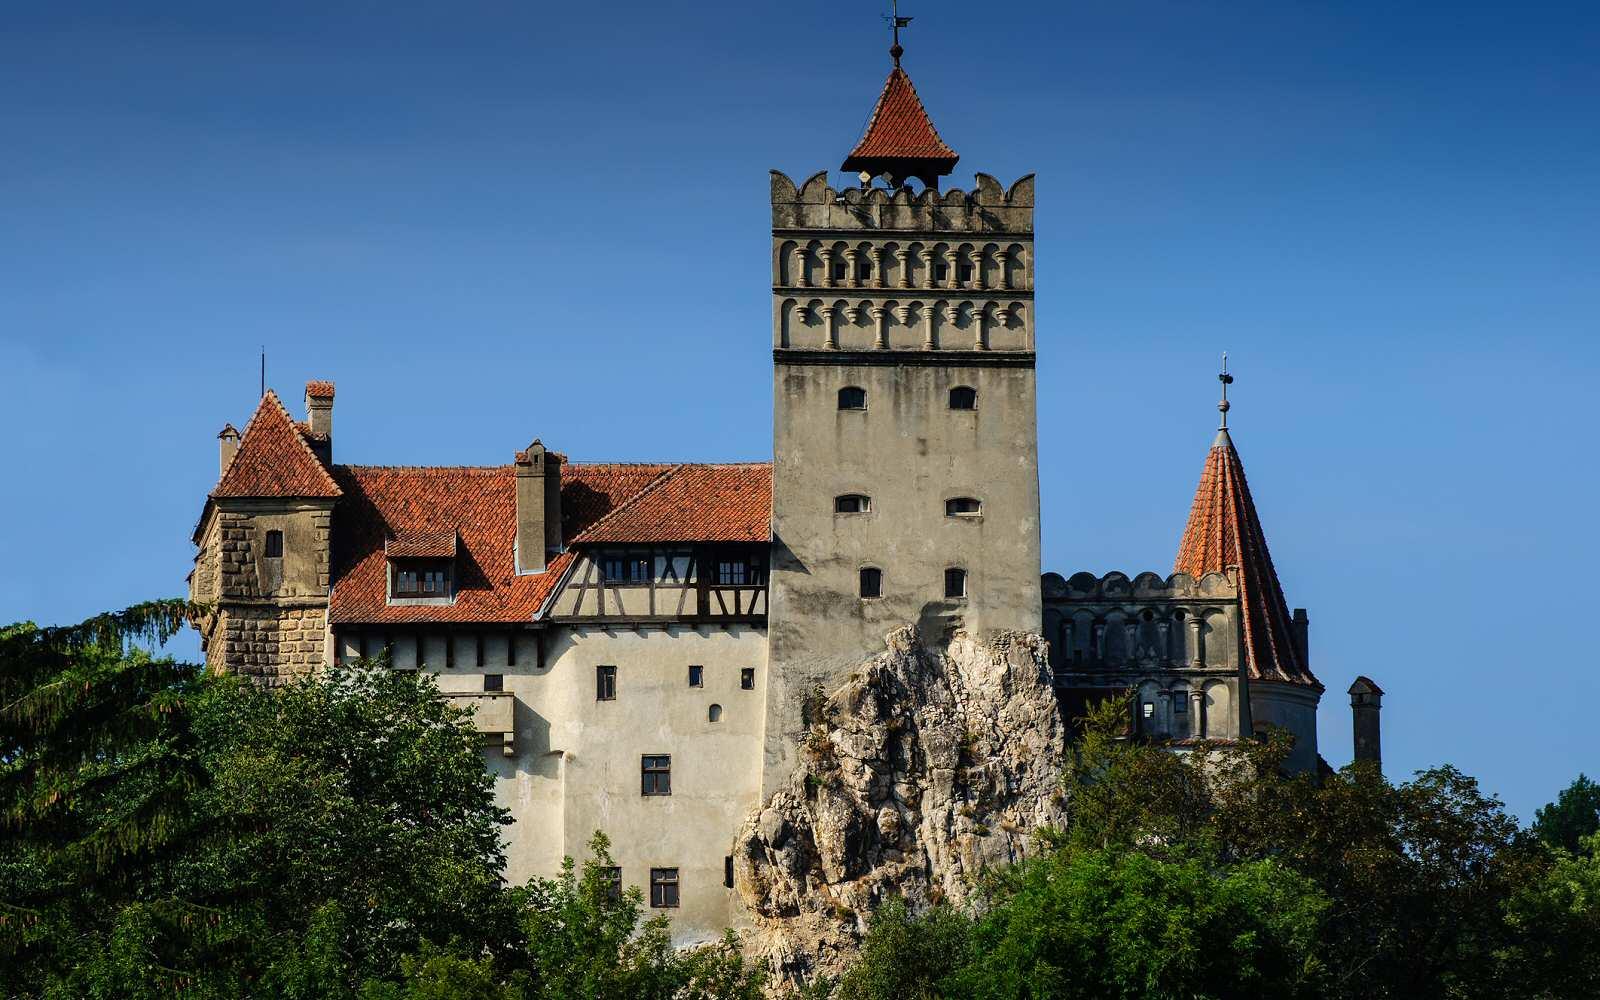 http://www.bran-castle.com